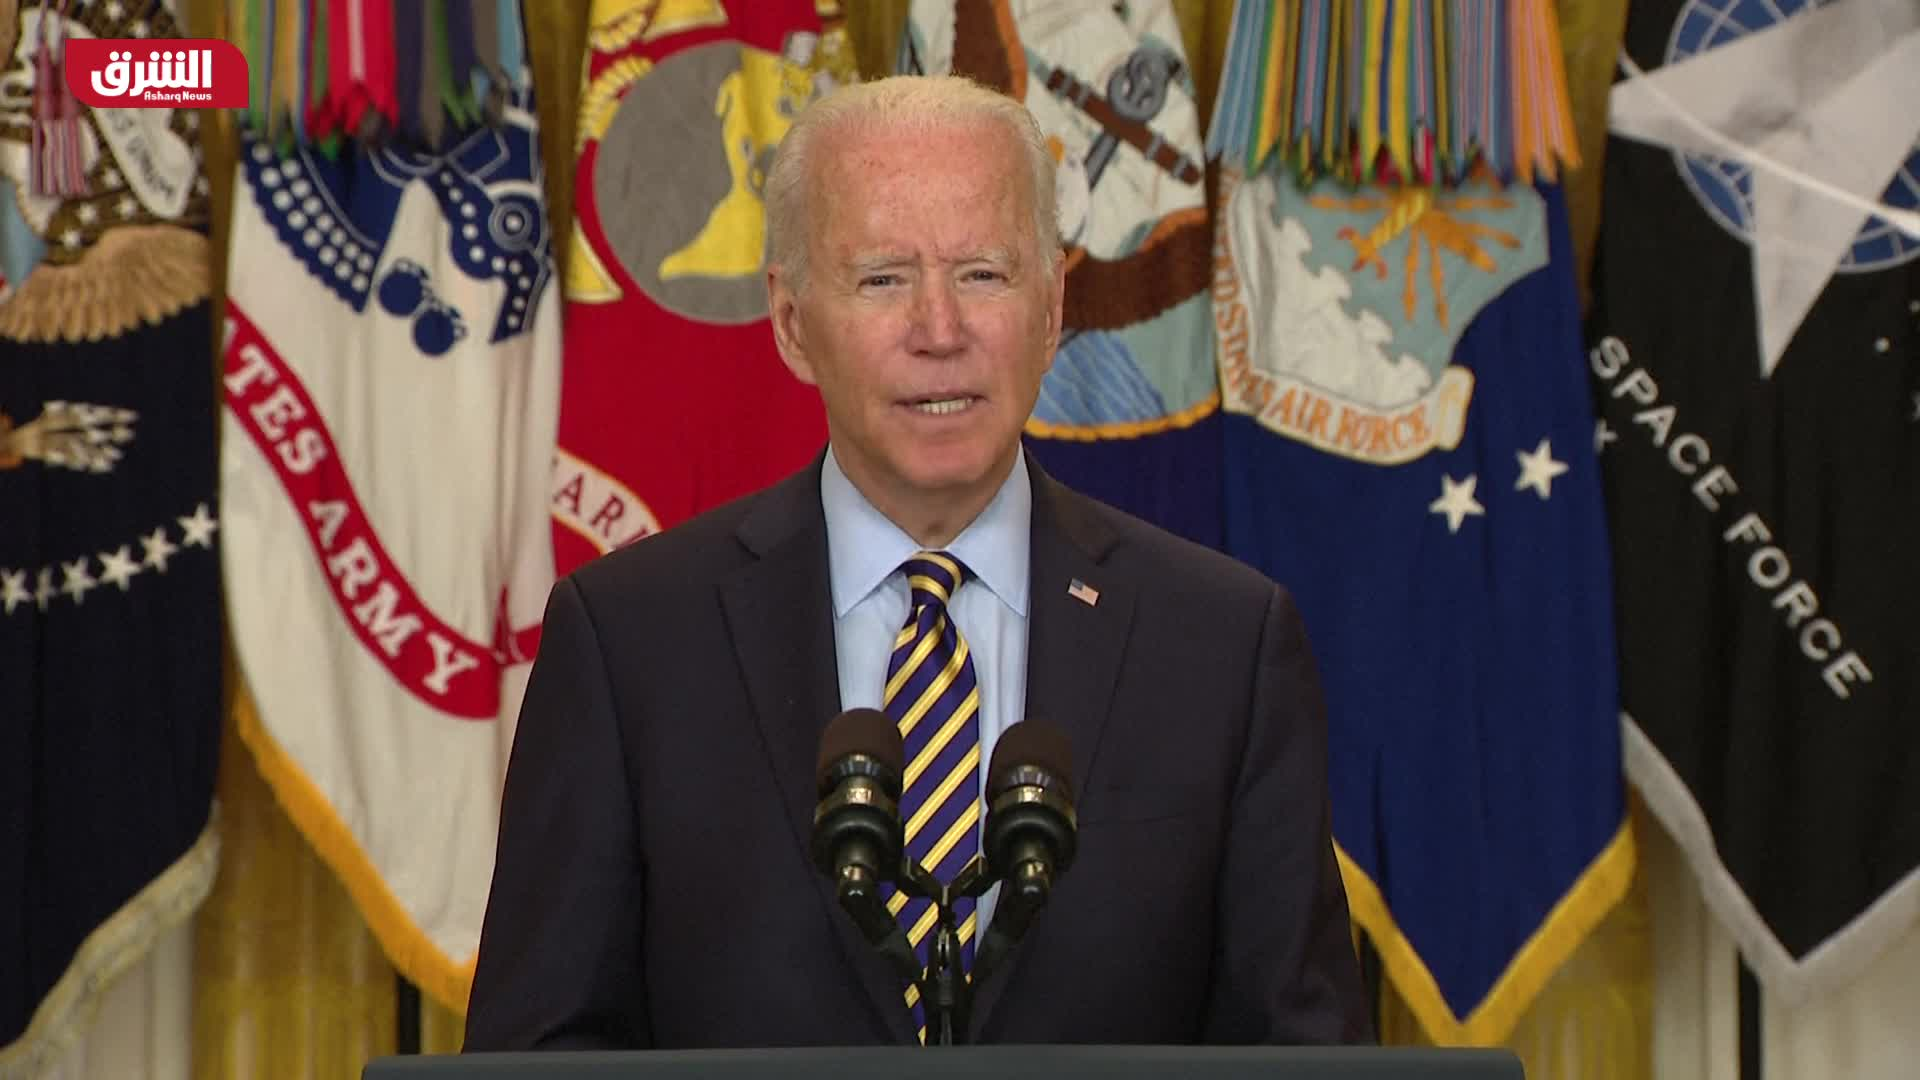 مؤتمر صحفي للرئيس الأميركي بشأن الانسحاب من أفغانستان